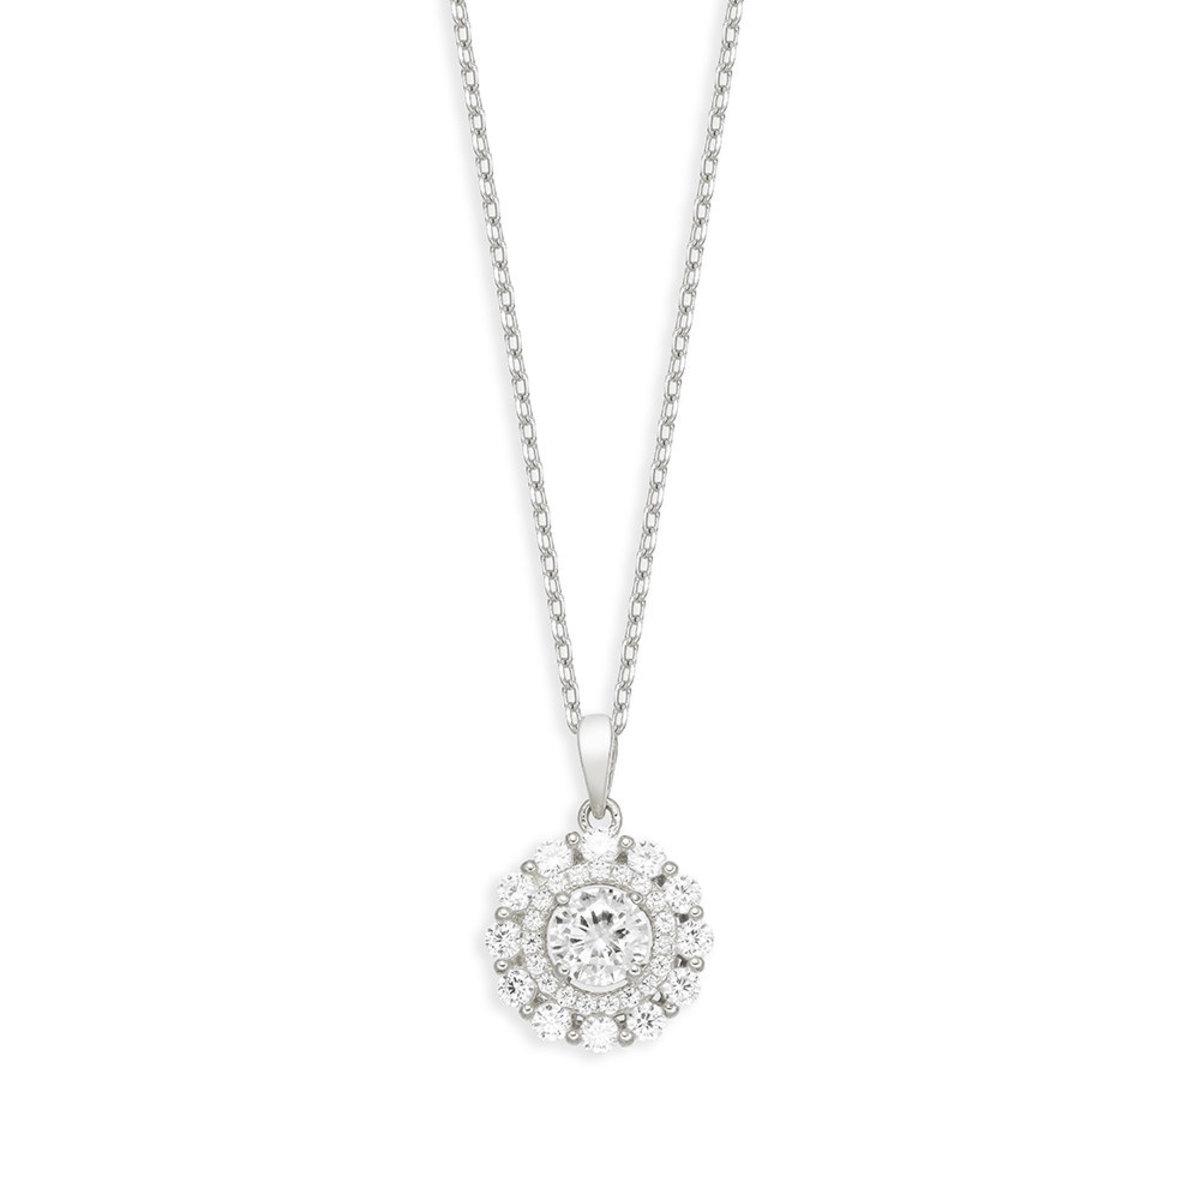 La Belle: 925 silver, CZ stone necklace